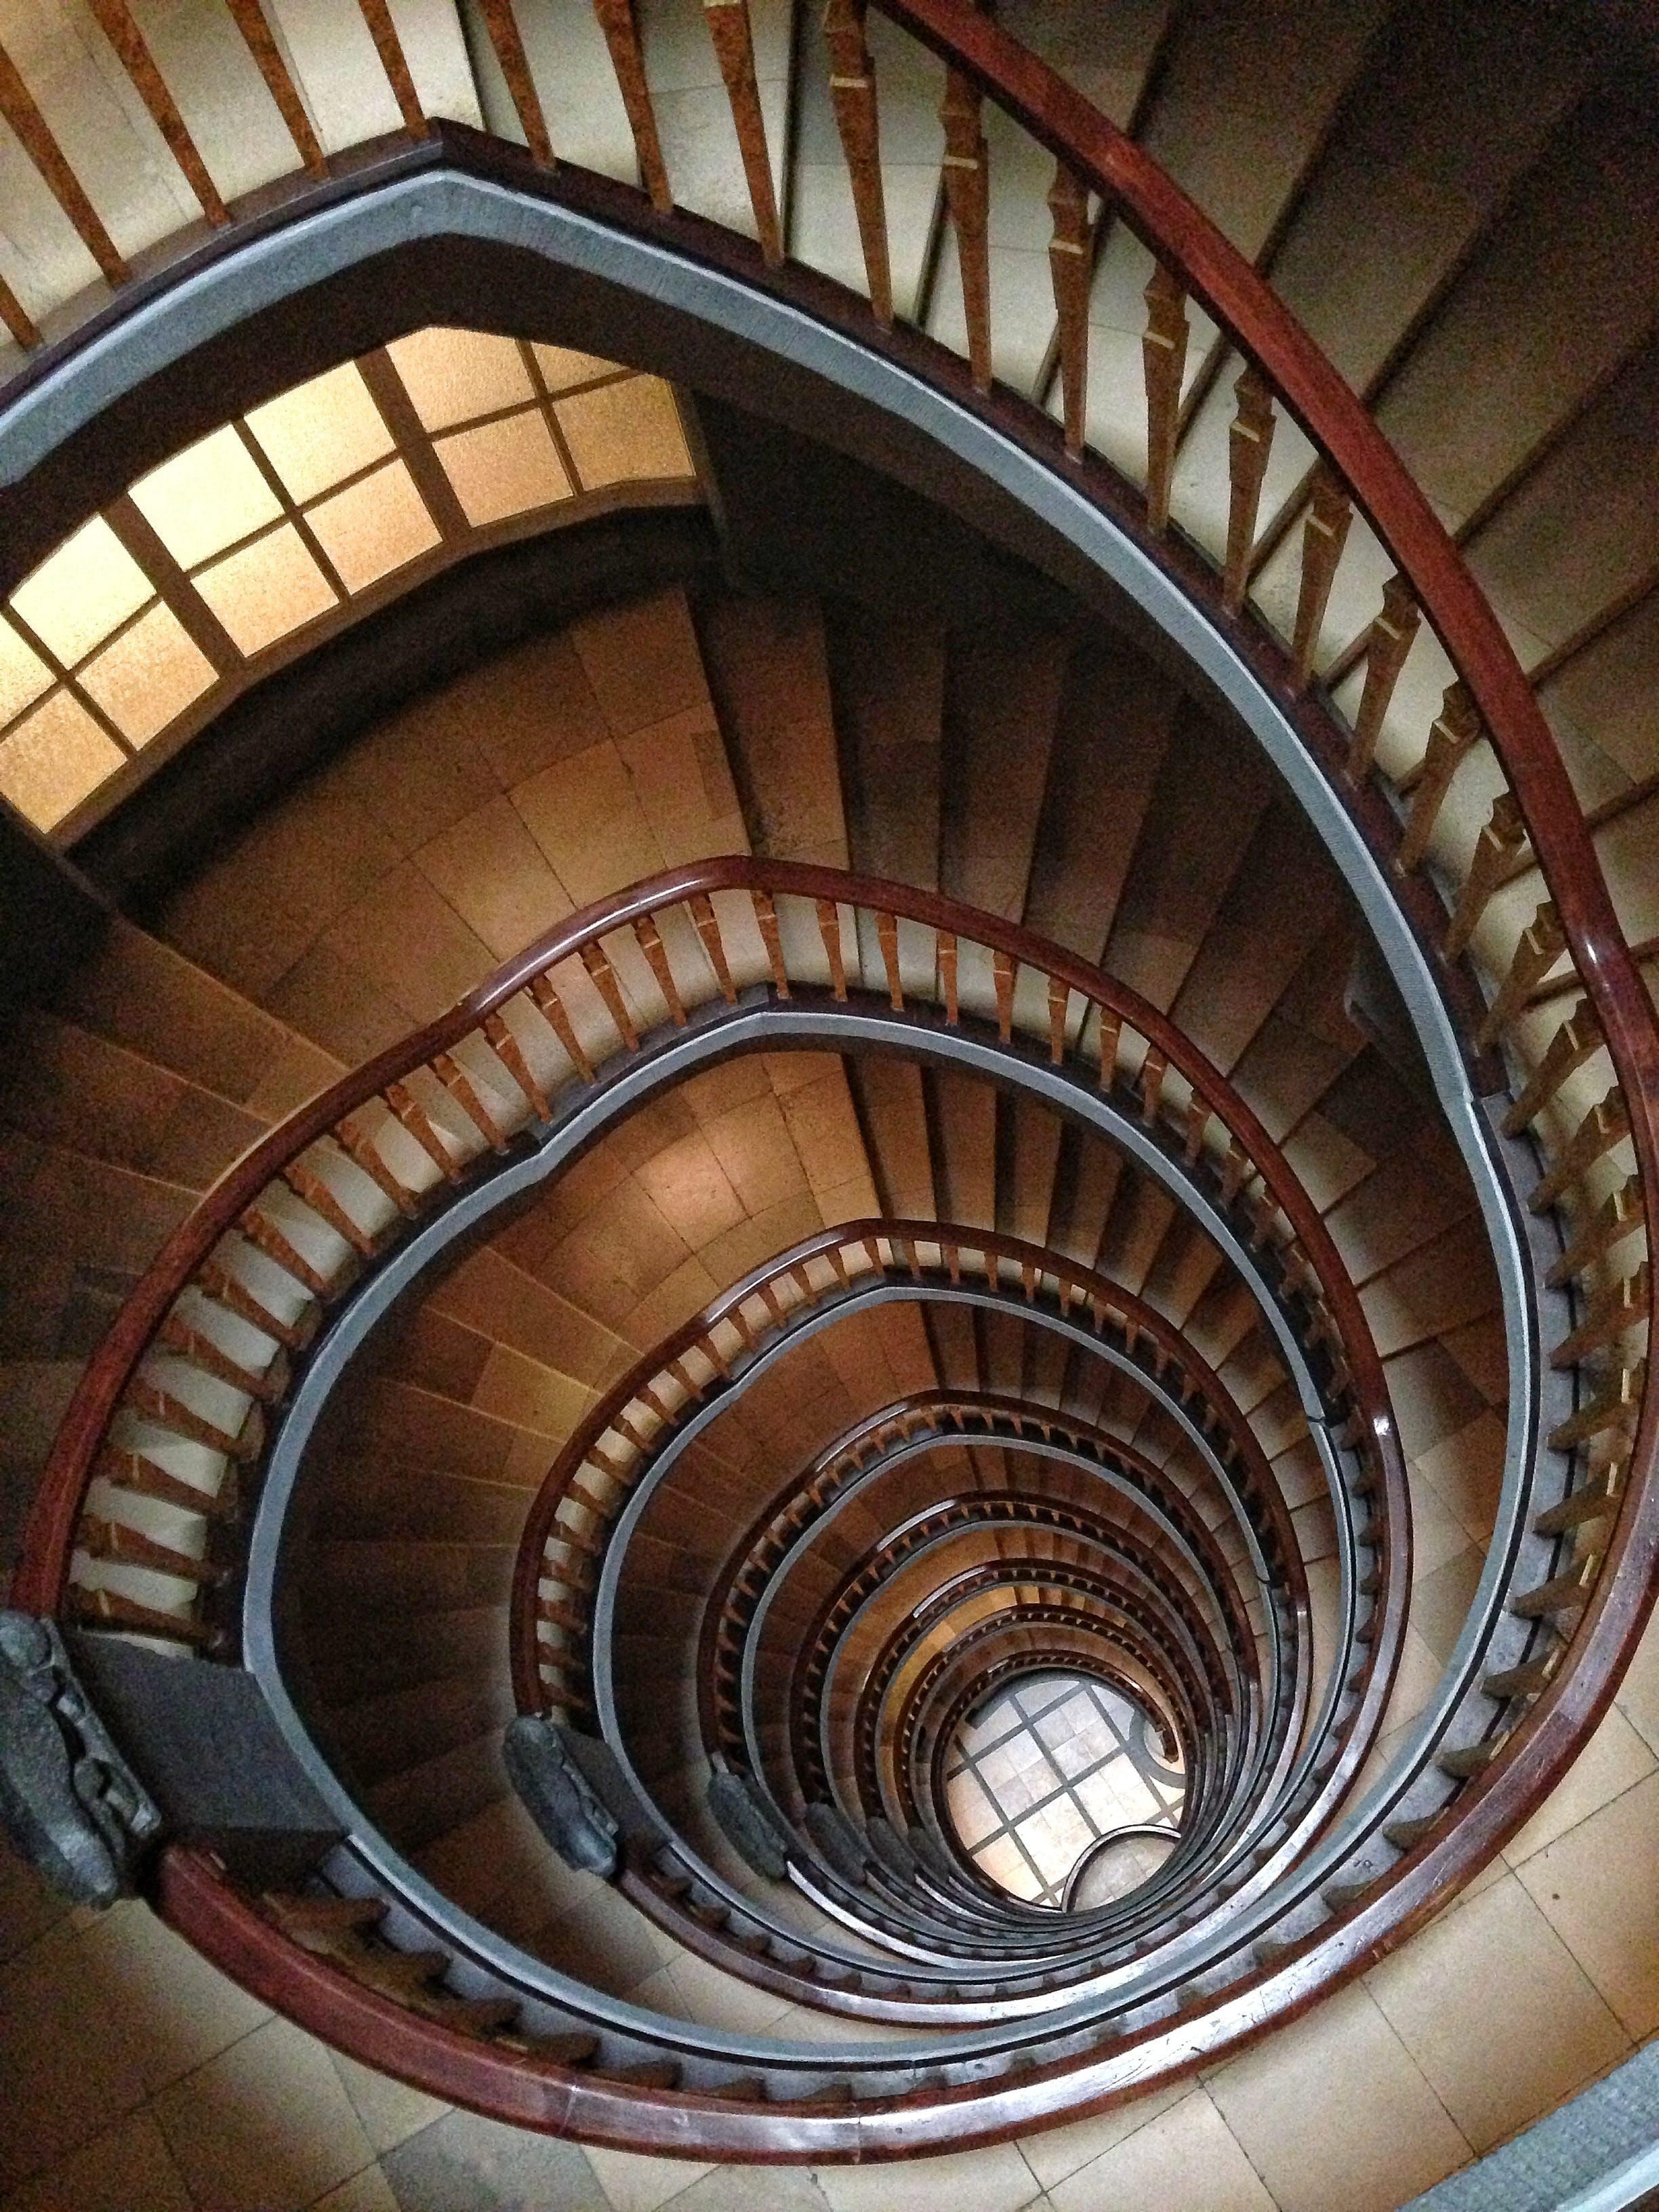 Kostenloses Stock Foto zu architektur, aufnahme von unten, gebäude, hoch